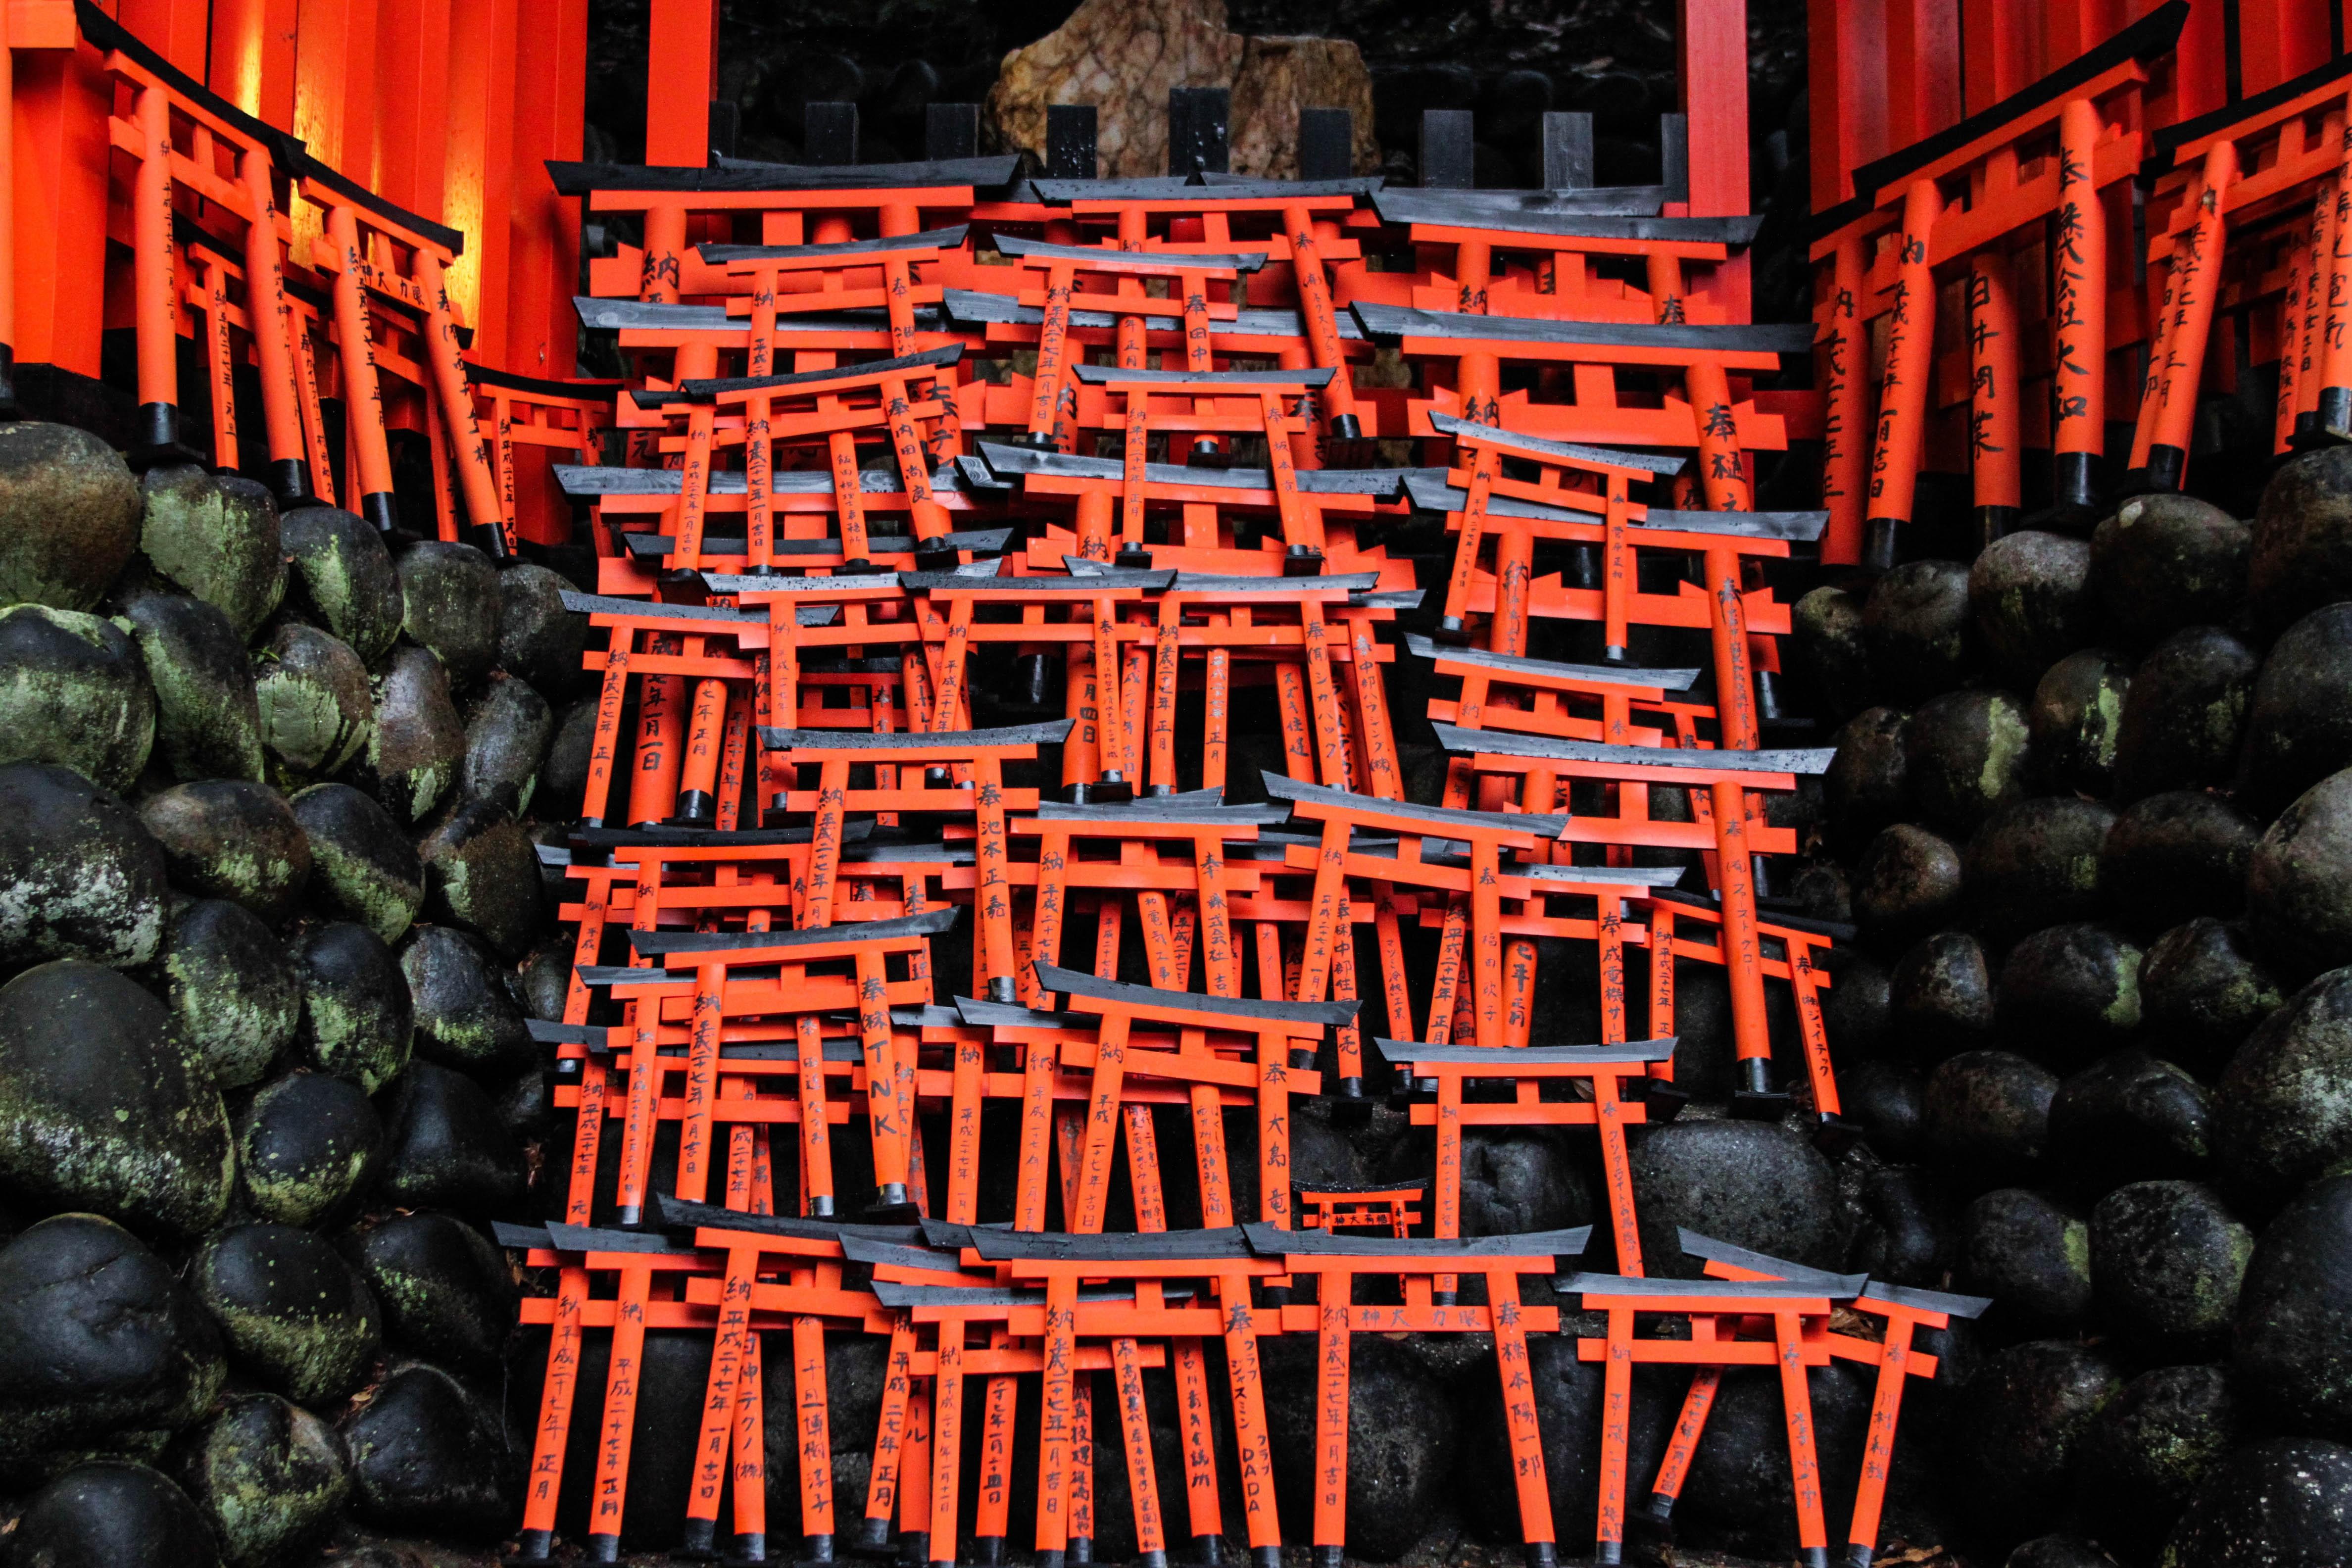 Tokyo va hanh trinh kham pha nhip song thuong ngay o Nhat Ban hinh anh 106